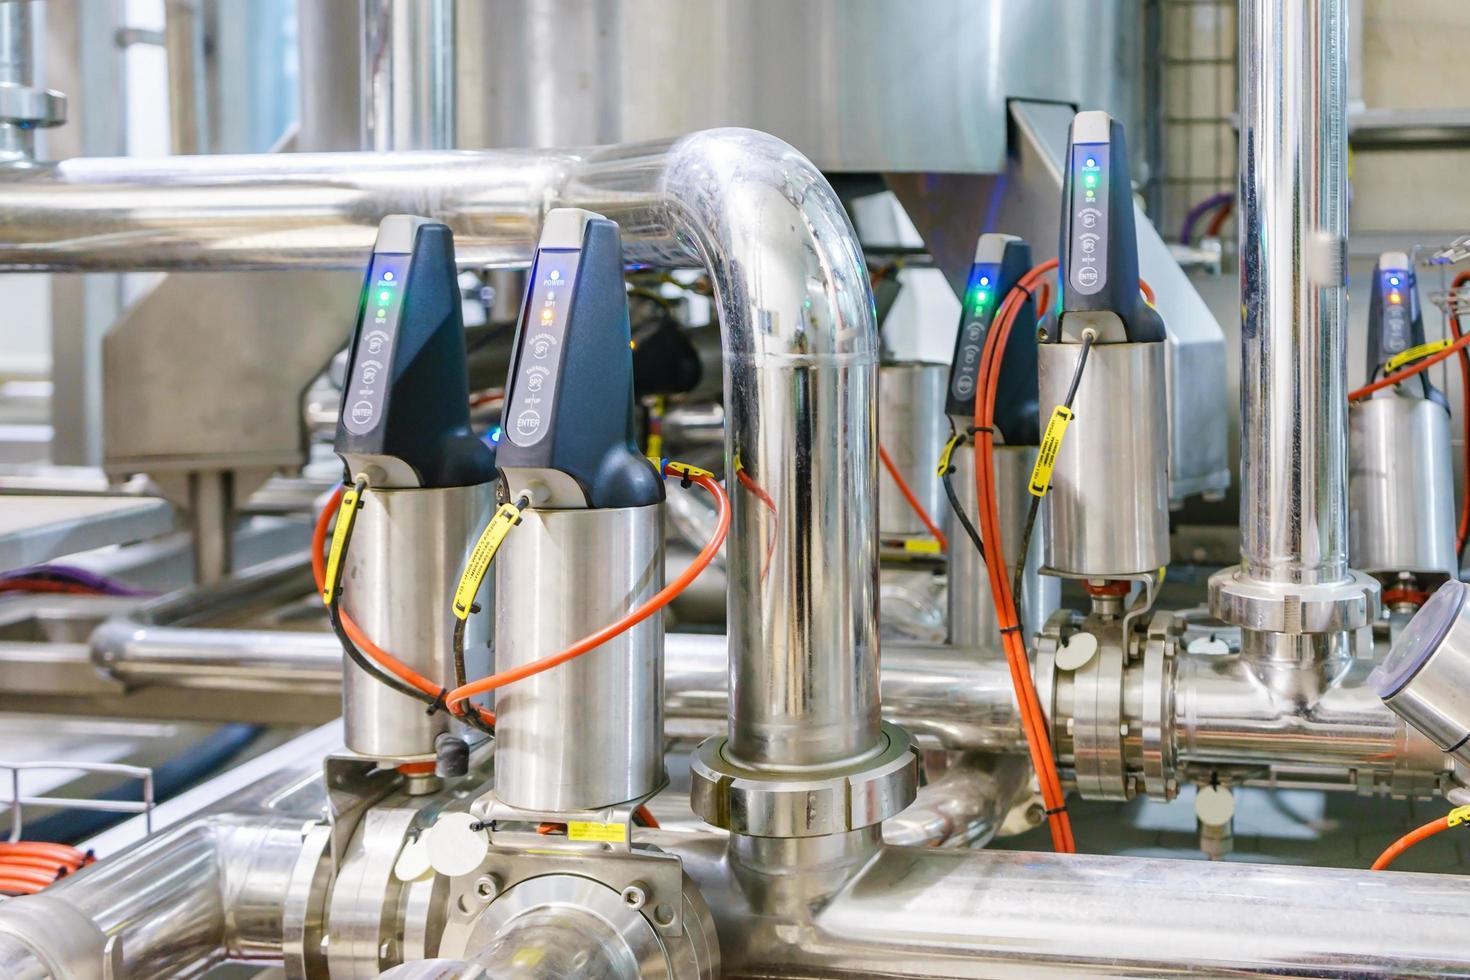 tuyaux d'équipement d'usine industrielle photo